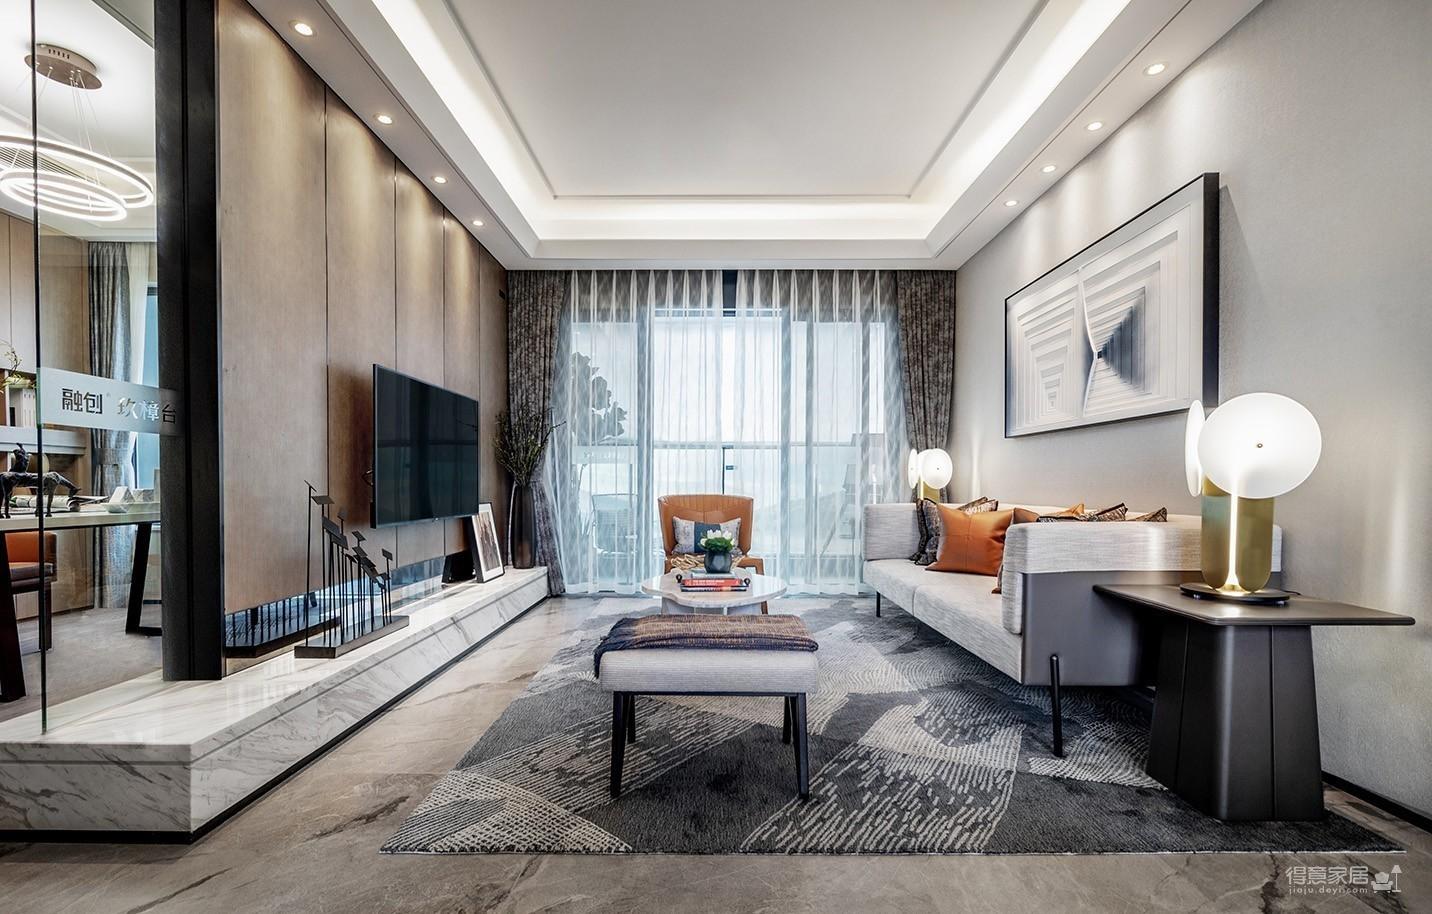 100㎡现代风家庭公寓图_3